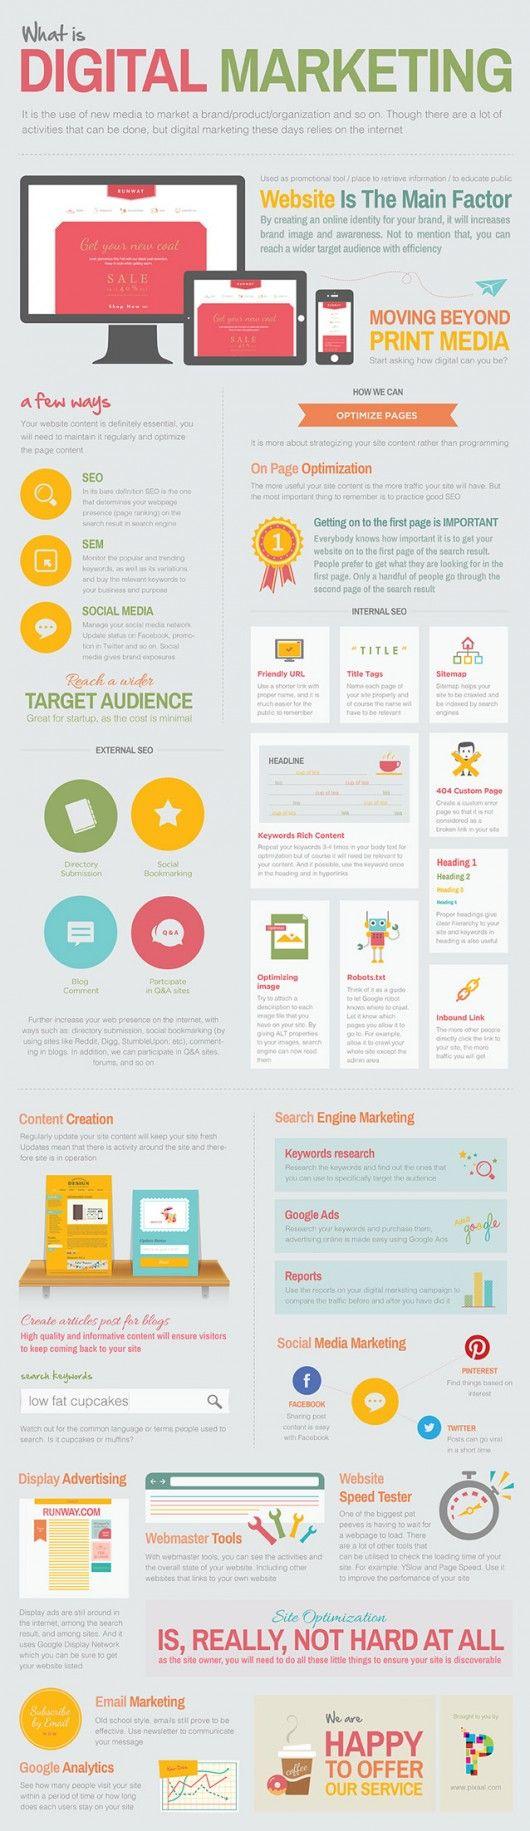 Was ist eigentlich digitales Marketing?